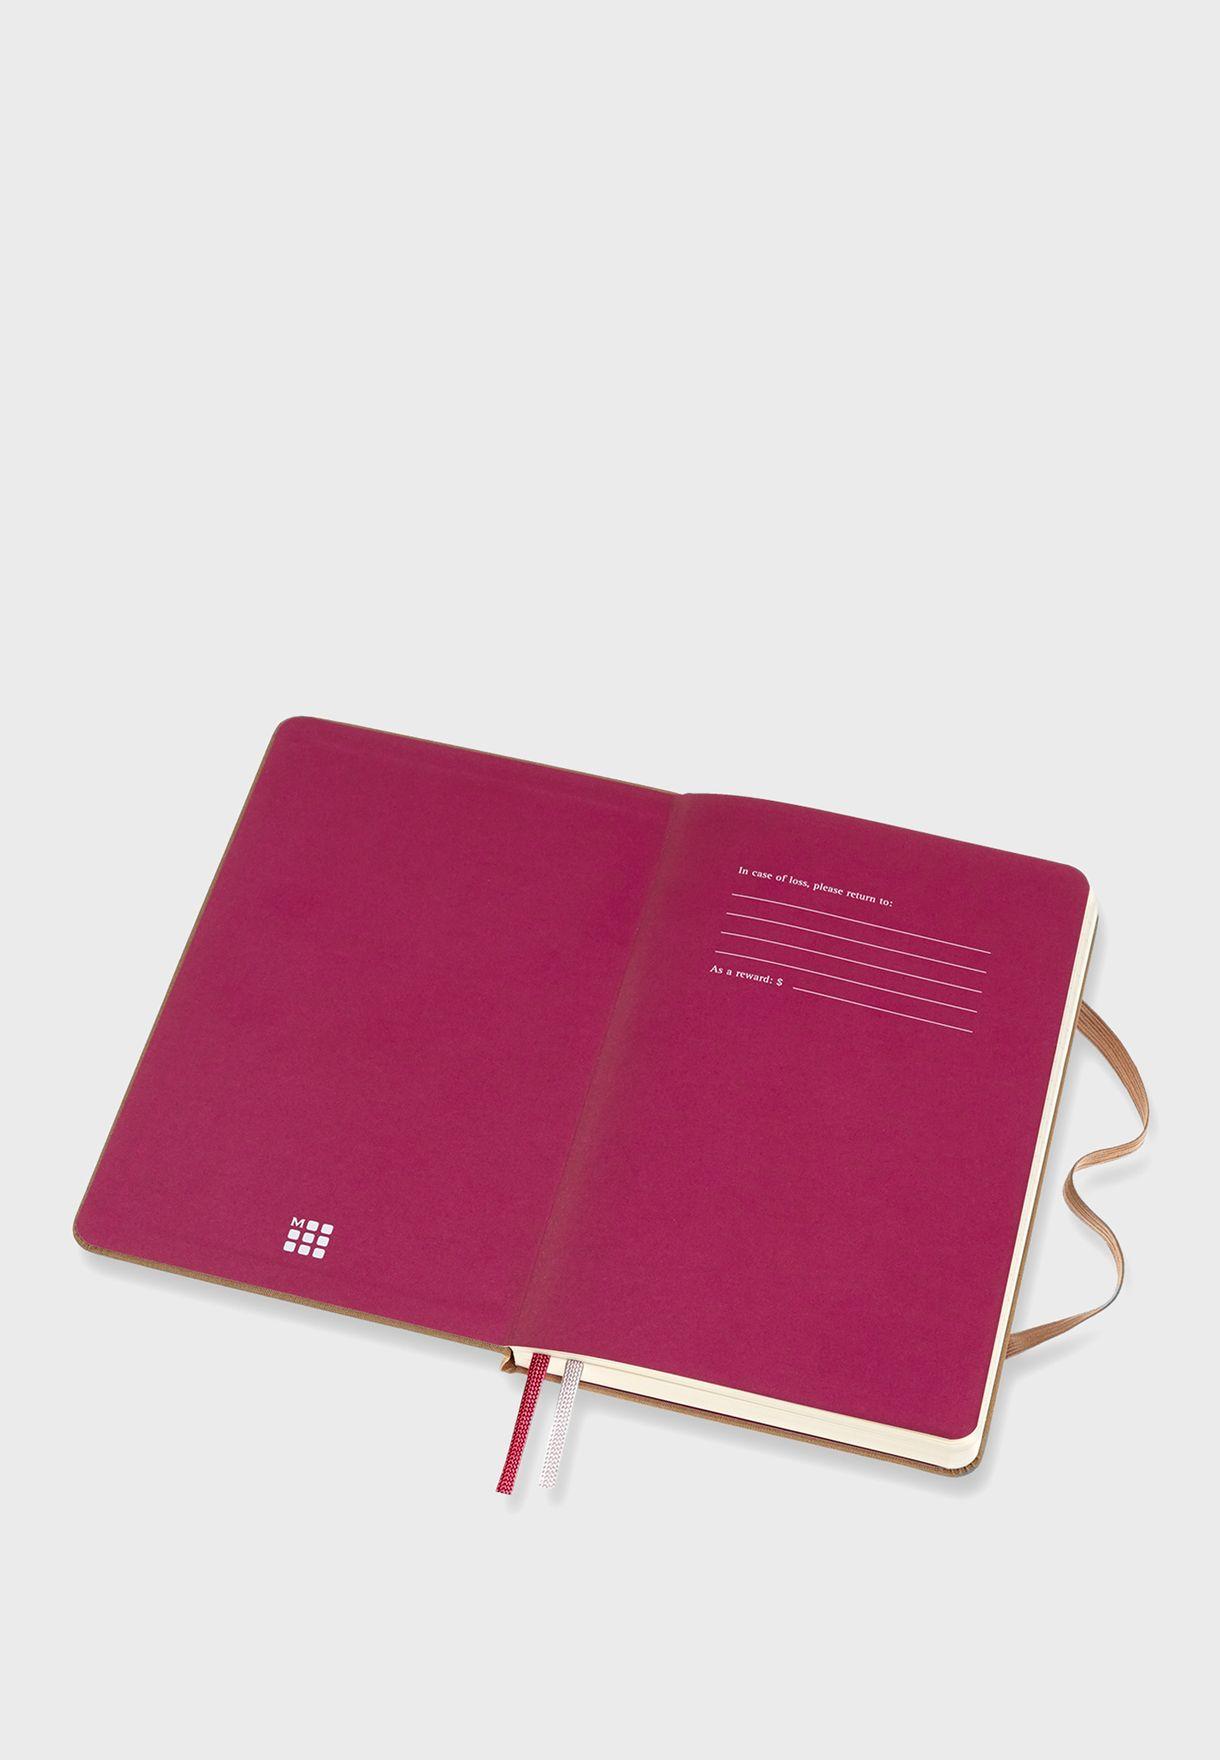 دفتر ملاحظات بغلاف مقوي